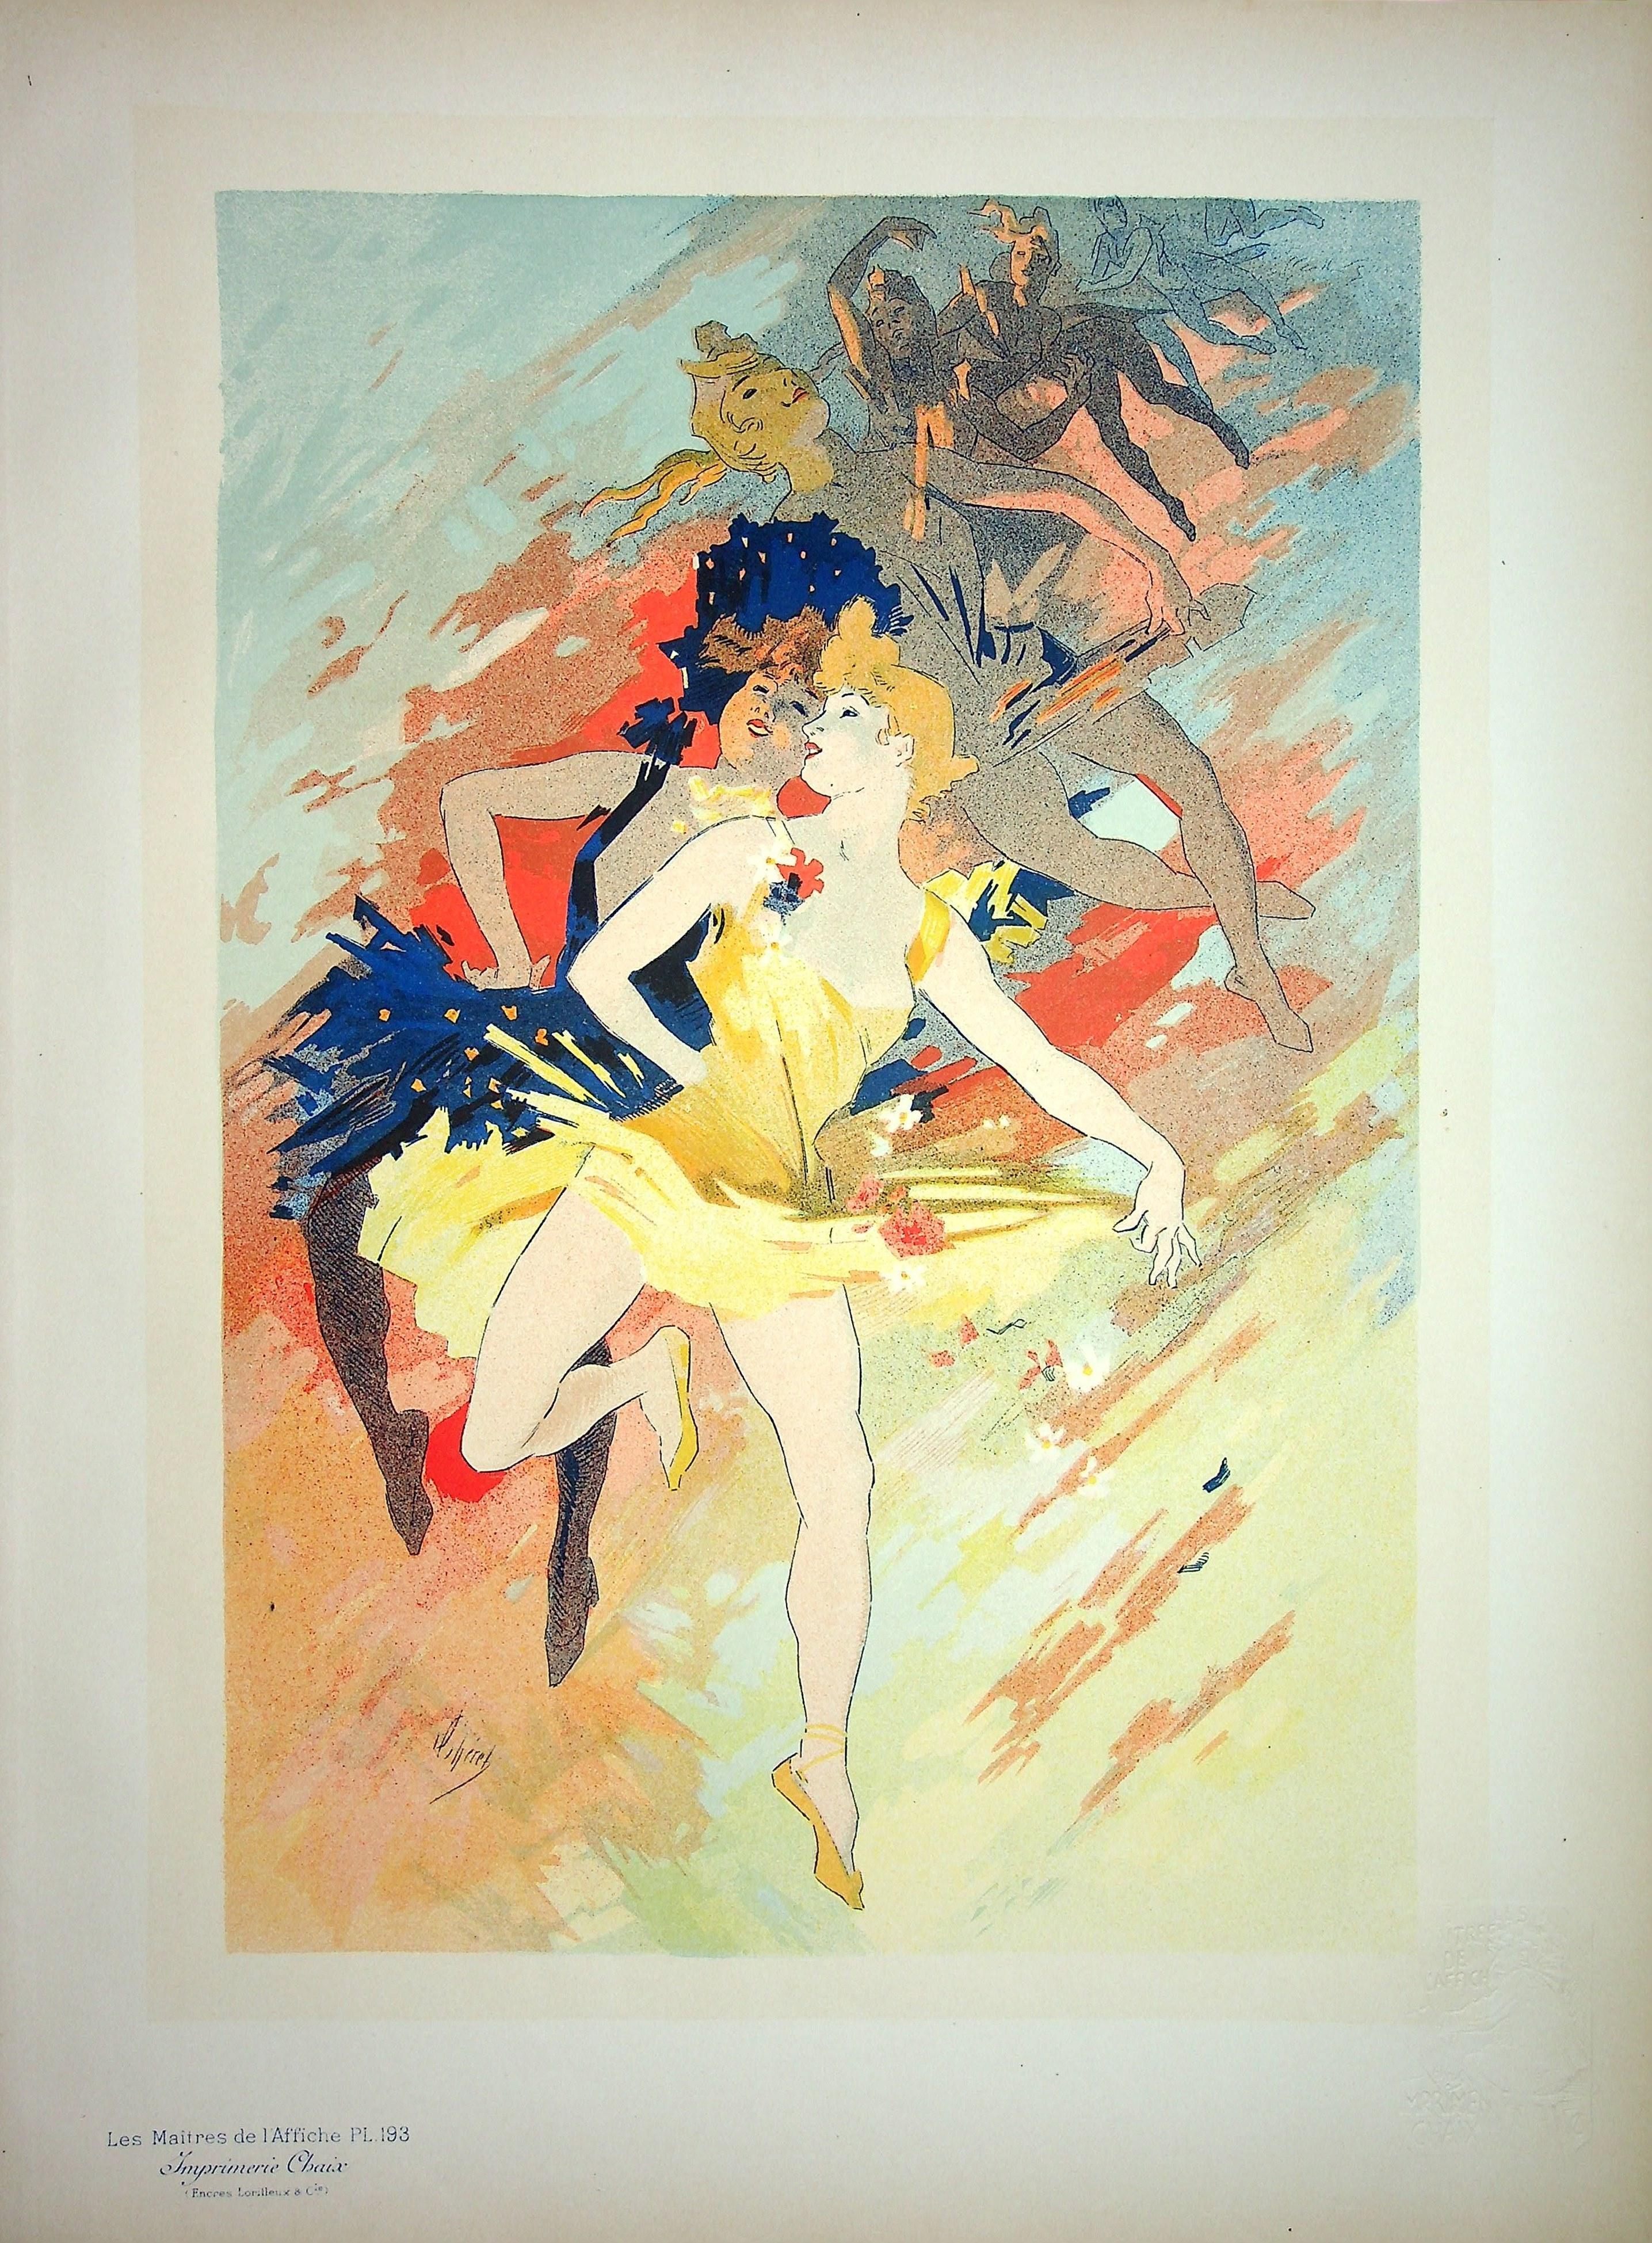 The Dance - Original Lithograph (Les Maîtres de l'Affiche), 1900